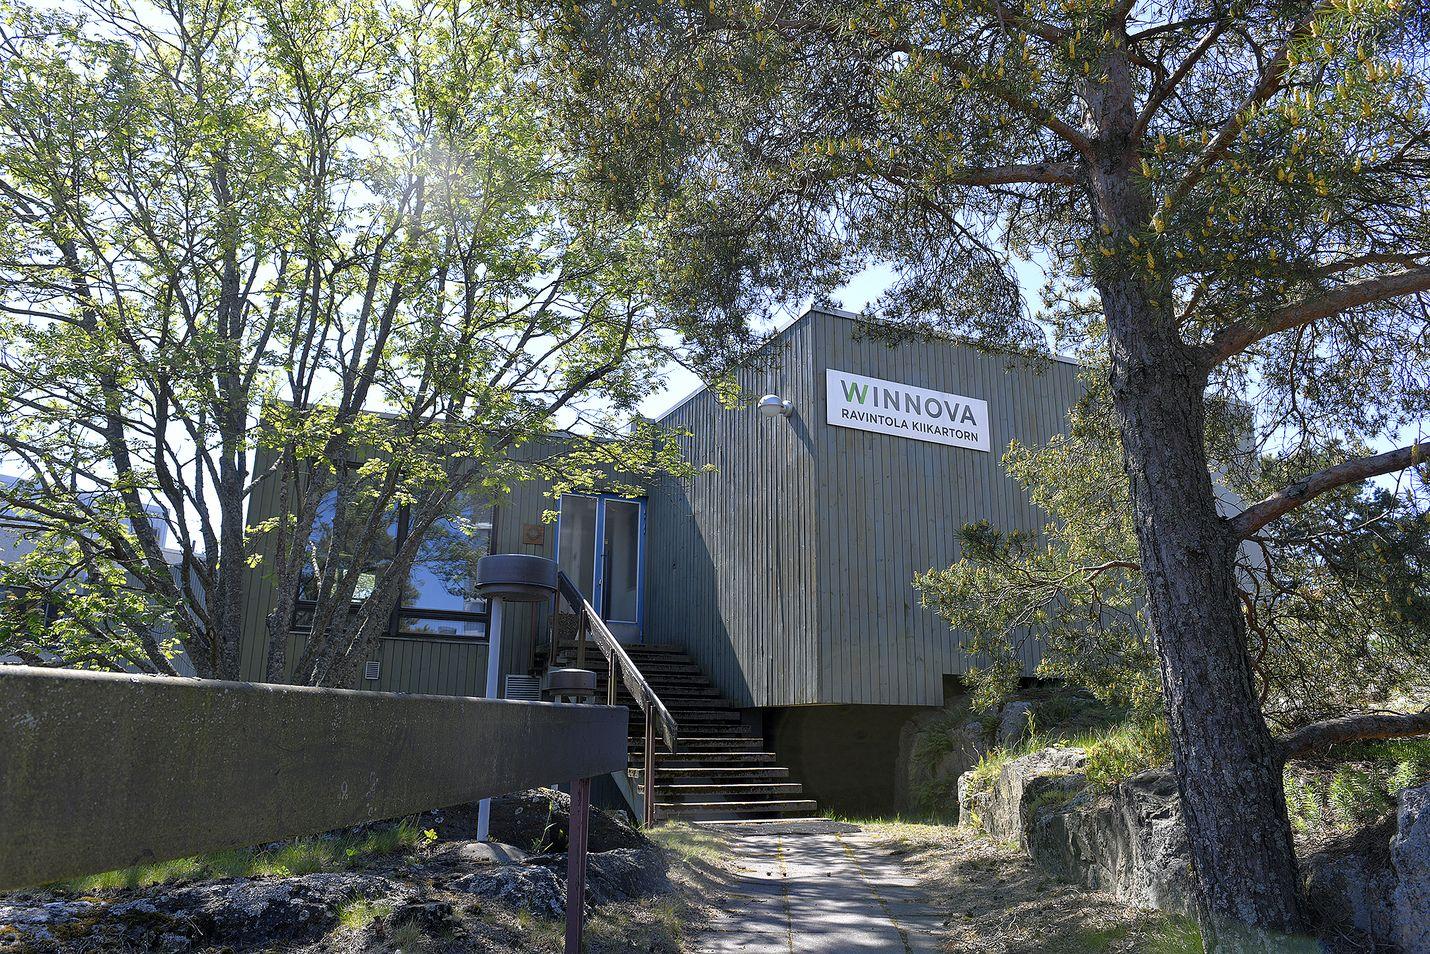 Muun muassa opetusravintola Kiikartorn puretaan ja korvataan uudella rakennuksella Winnovan suuressa muutospaketissa.